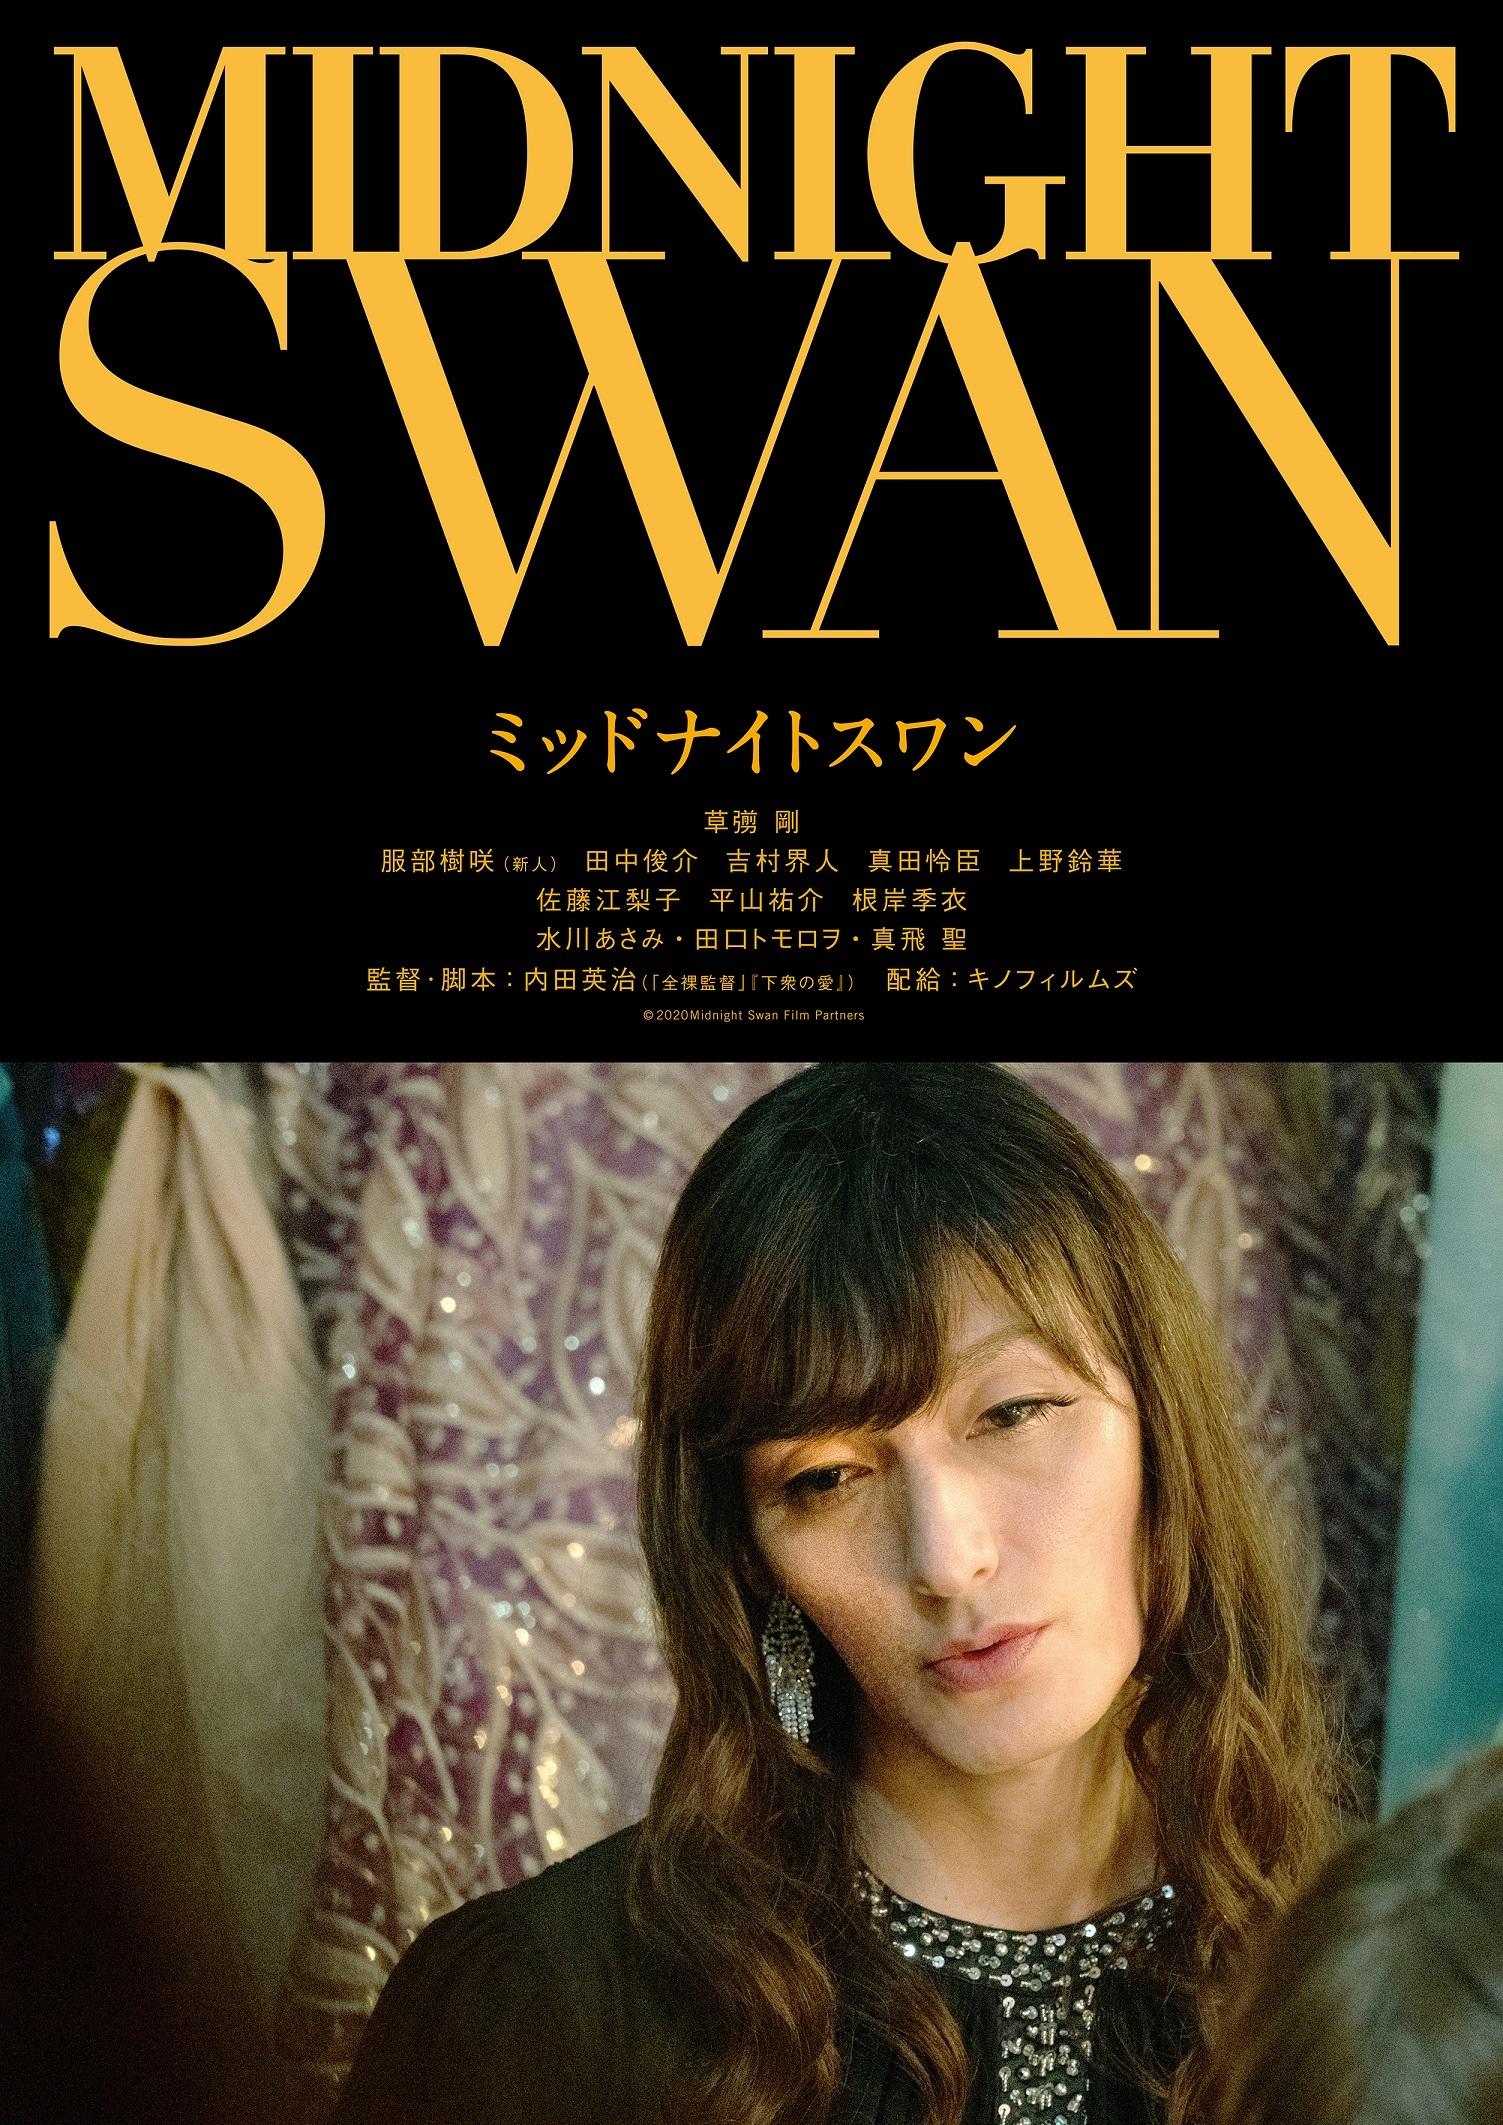 ティザービジュアル (C)2020Midnight Swan Film Partners